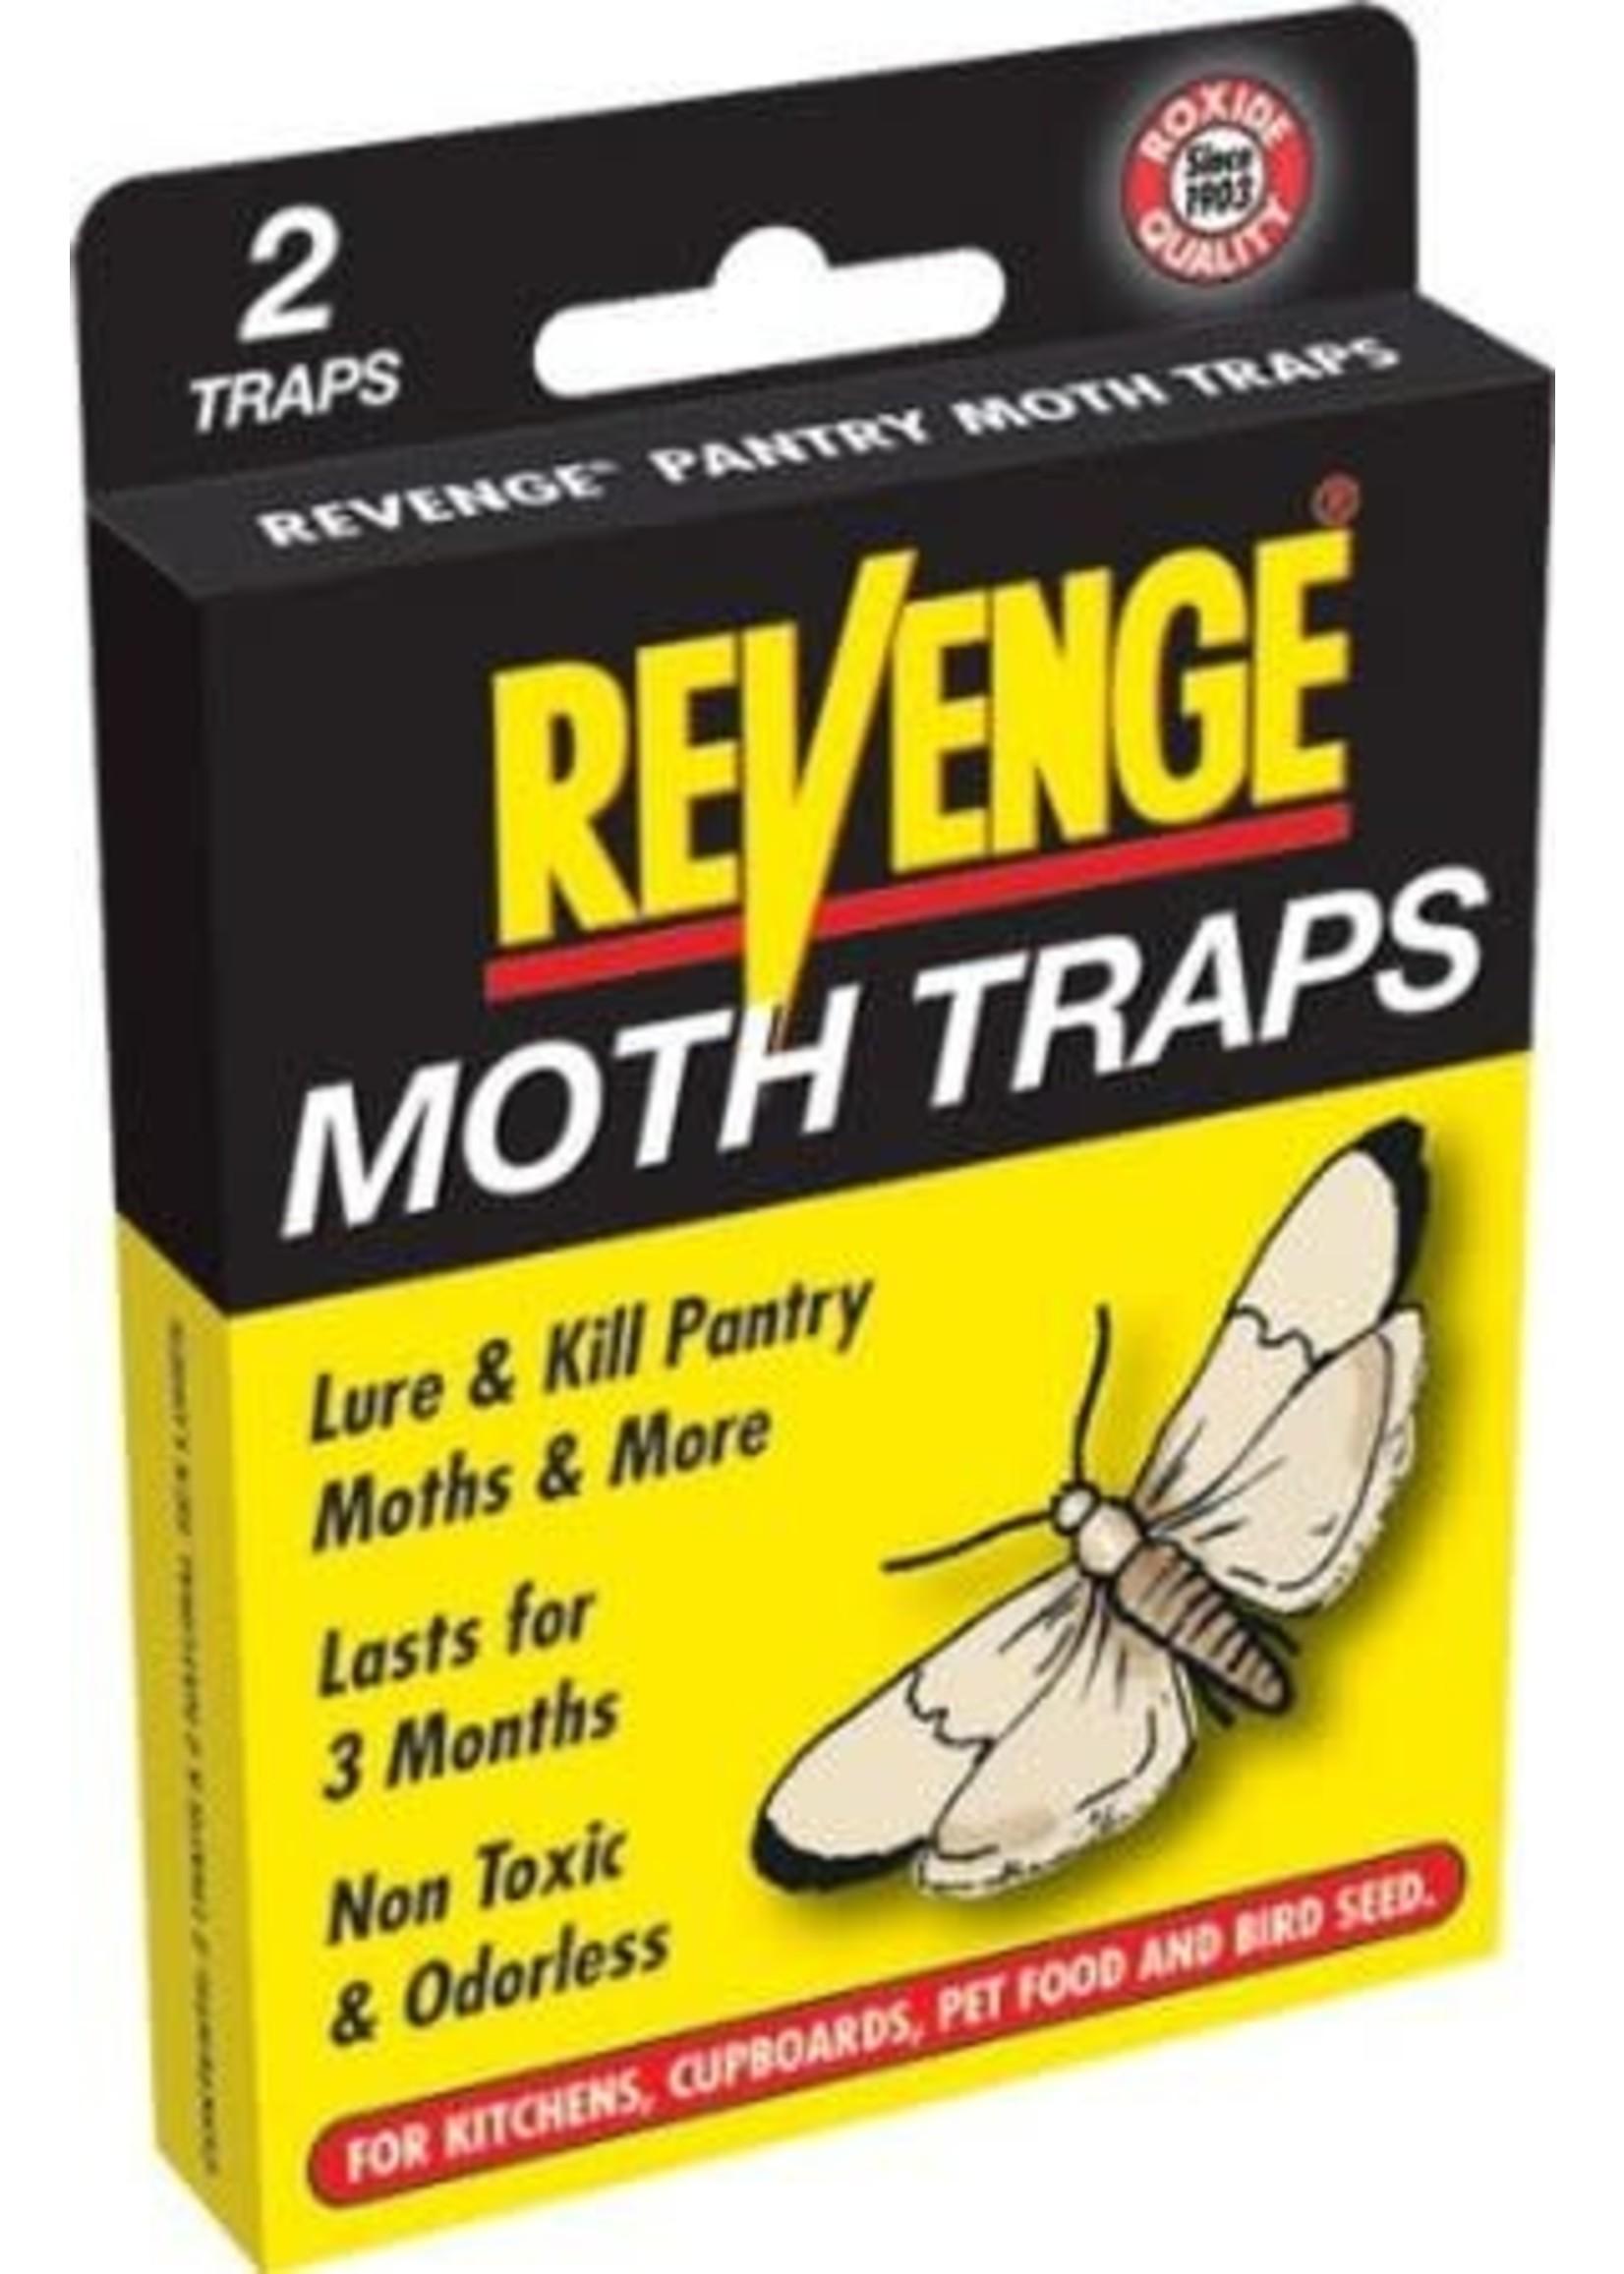 A&E Pantry Moth Traps